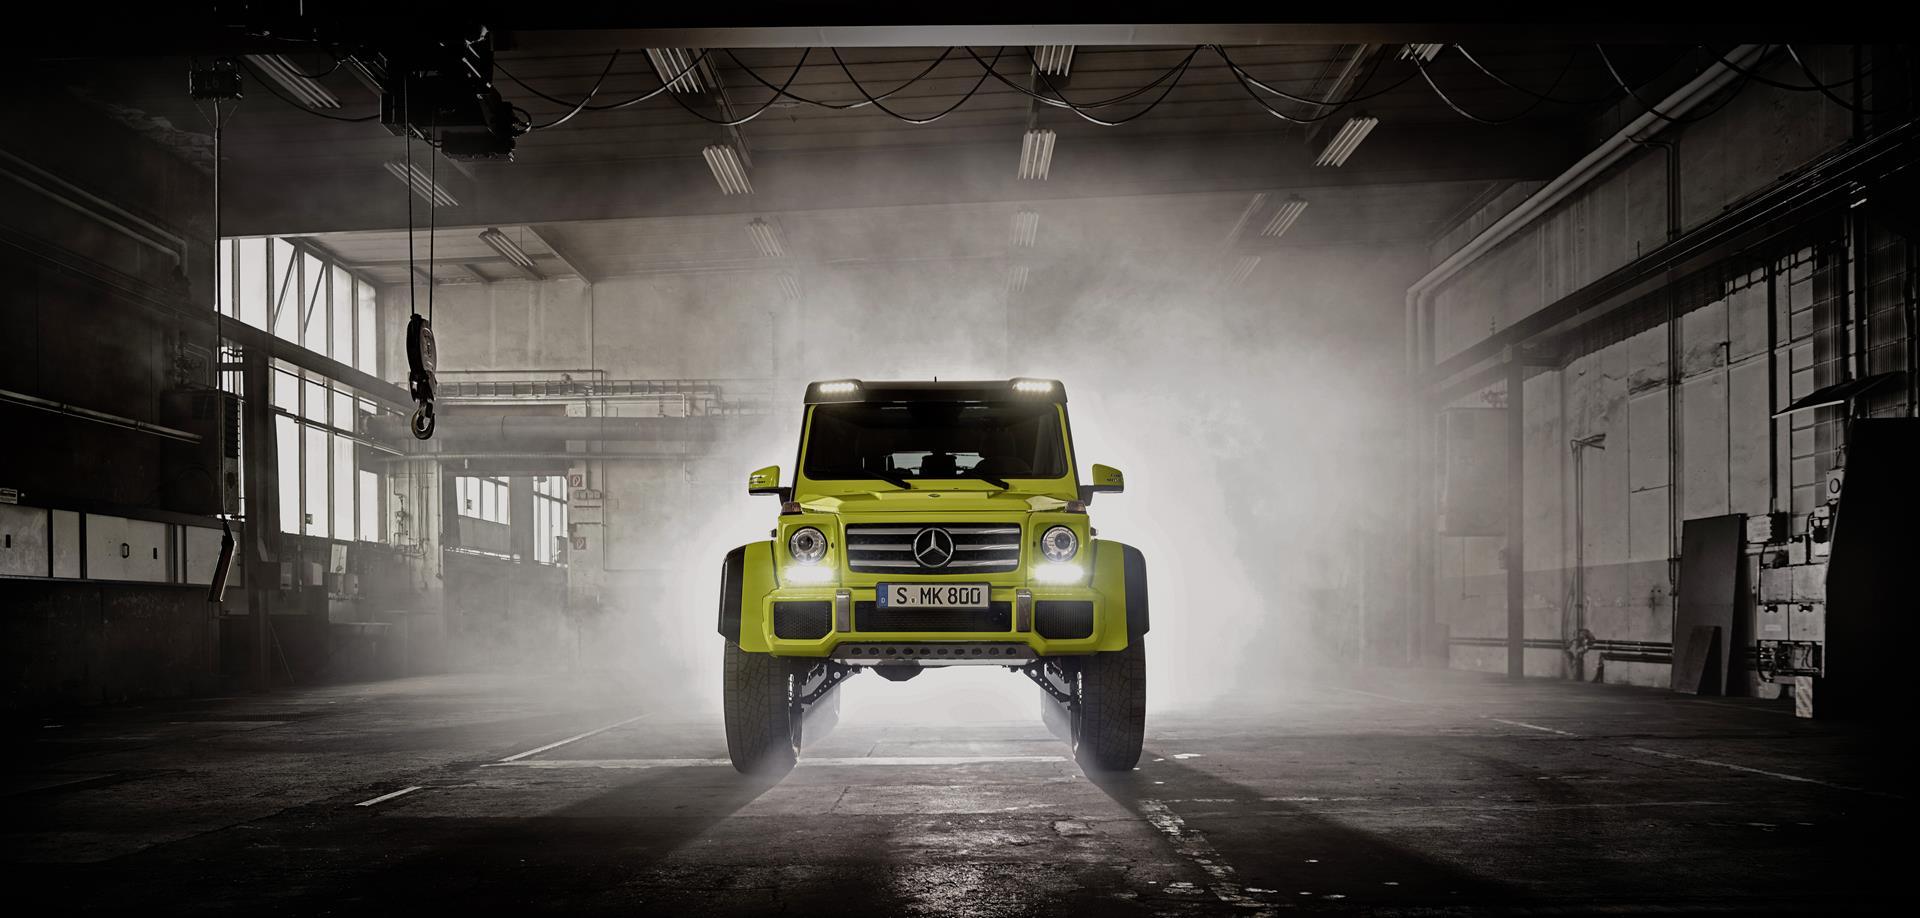 Mercedes-G500-4x4-2-Concept-Image-010